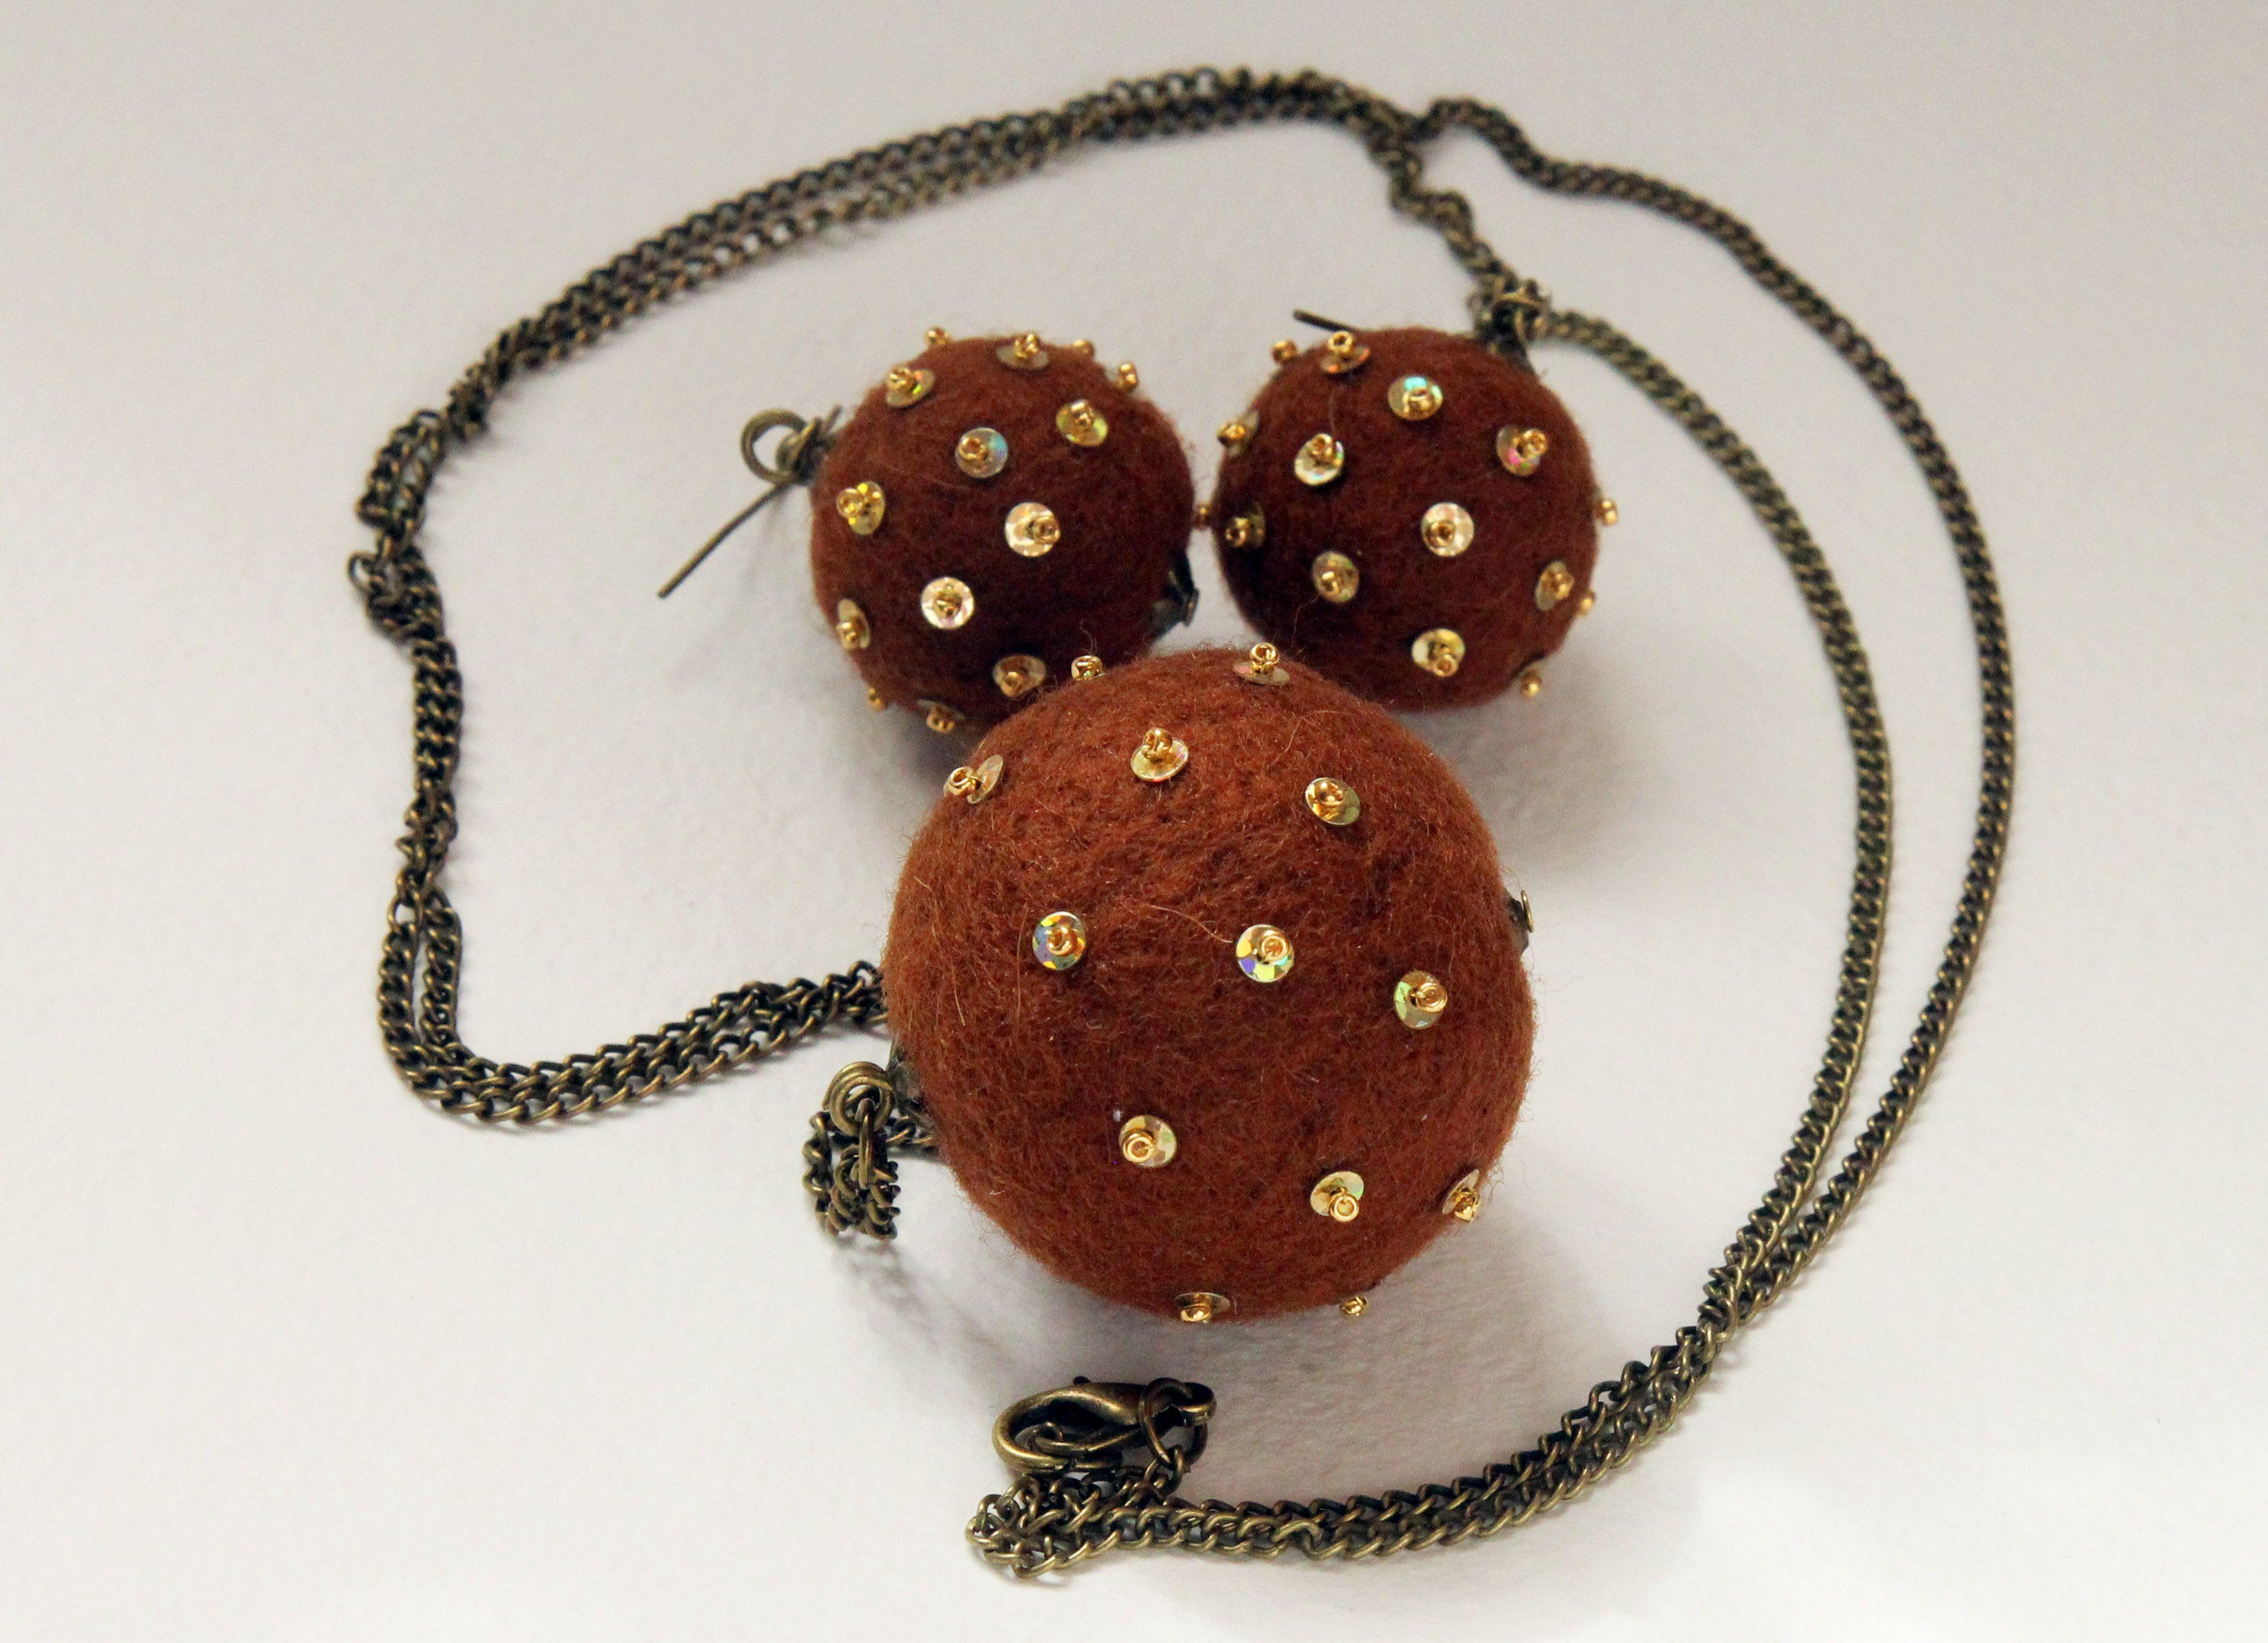 """Le nuovi arrivi i braccialetti """"Piselli"""". """"Il cioccolato"""". E possibile combinare anche con la collana e gli orecchini di collore uguale. Tutte le palline di lana cotta fatto a mano!"""